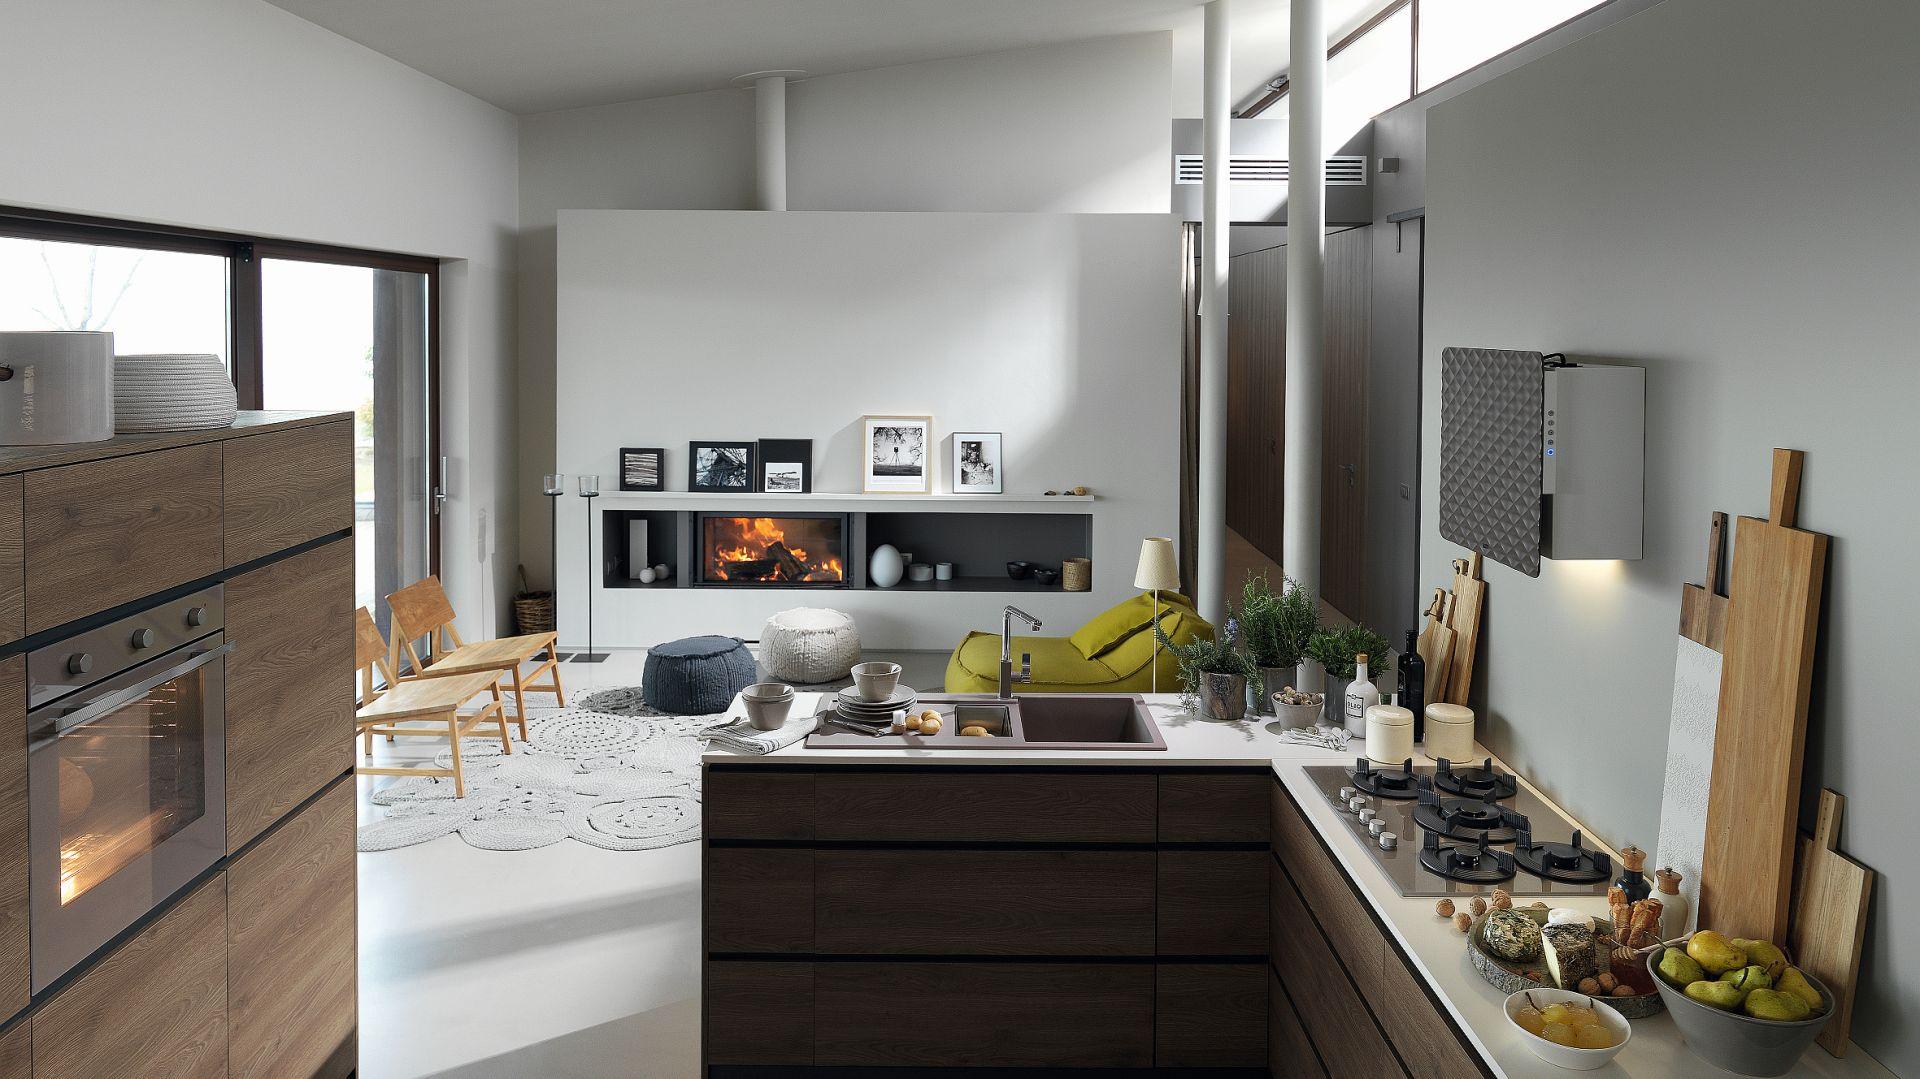 IMPRESS - płaski okap ścienny świetnie integruje się z przestrzenią kuchni. Przedni panel jest uchylny, wykonany z wtłaczanego w geometryczny wzór poliuretanu w sześciu kolorach wykończenia do wyboru. Fot. Franke